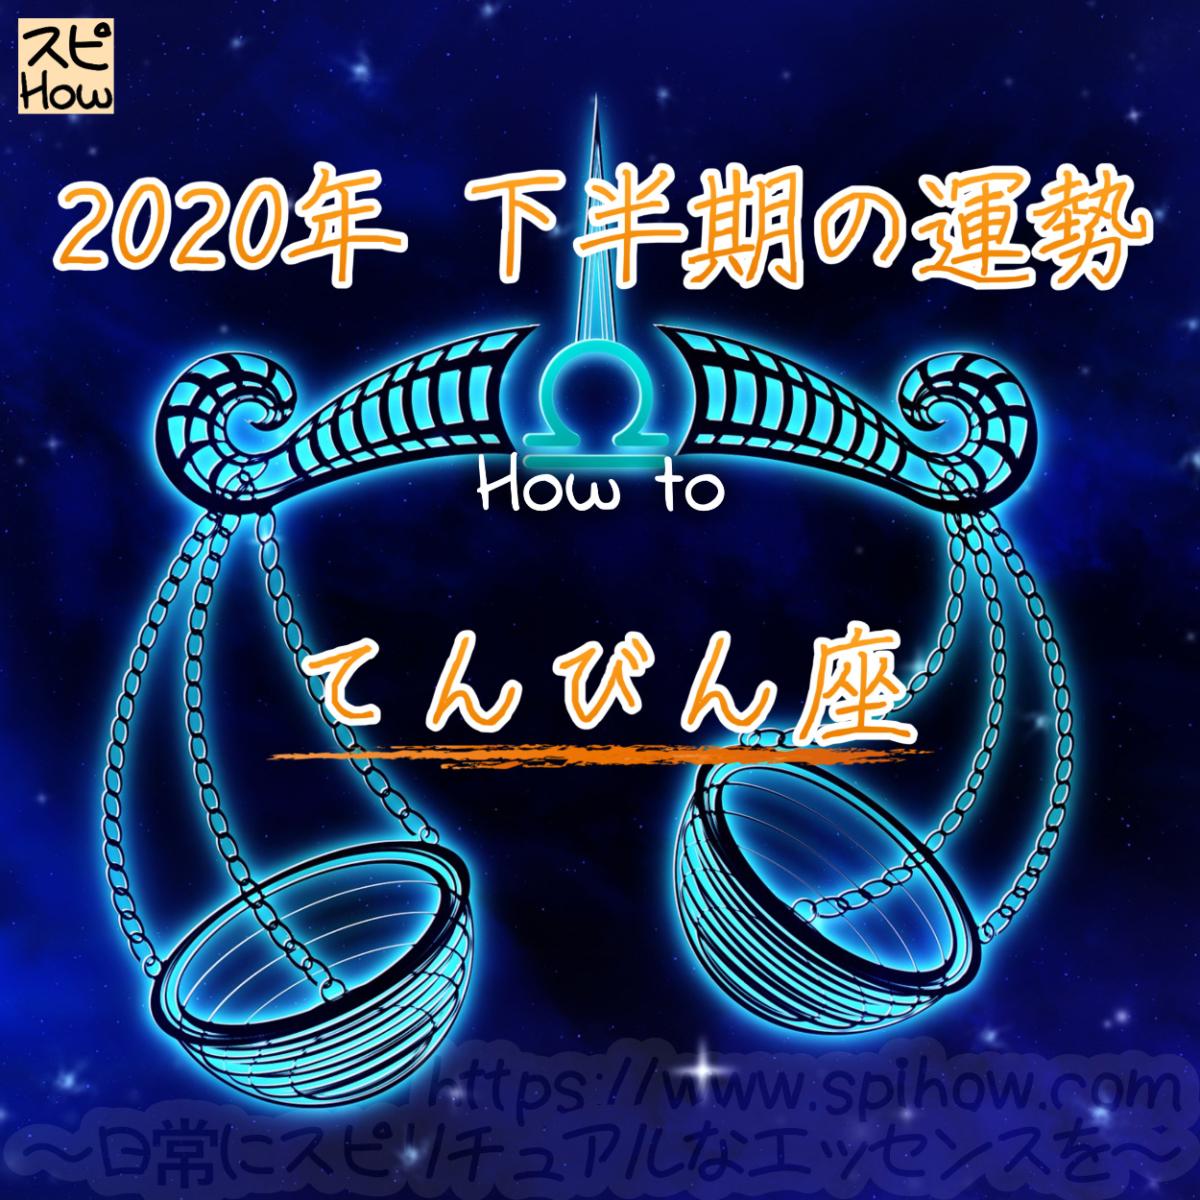 【天秤座の2020年下半期の運勢】運命を感じる恋に出会える!広くアンテナを張ってのアイキャッチ画像